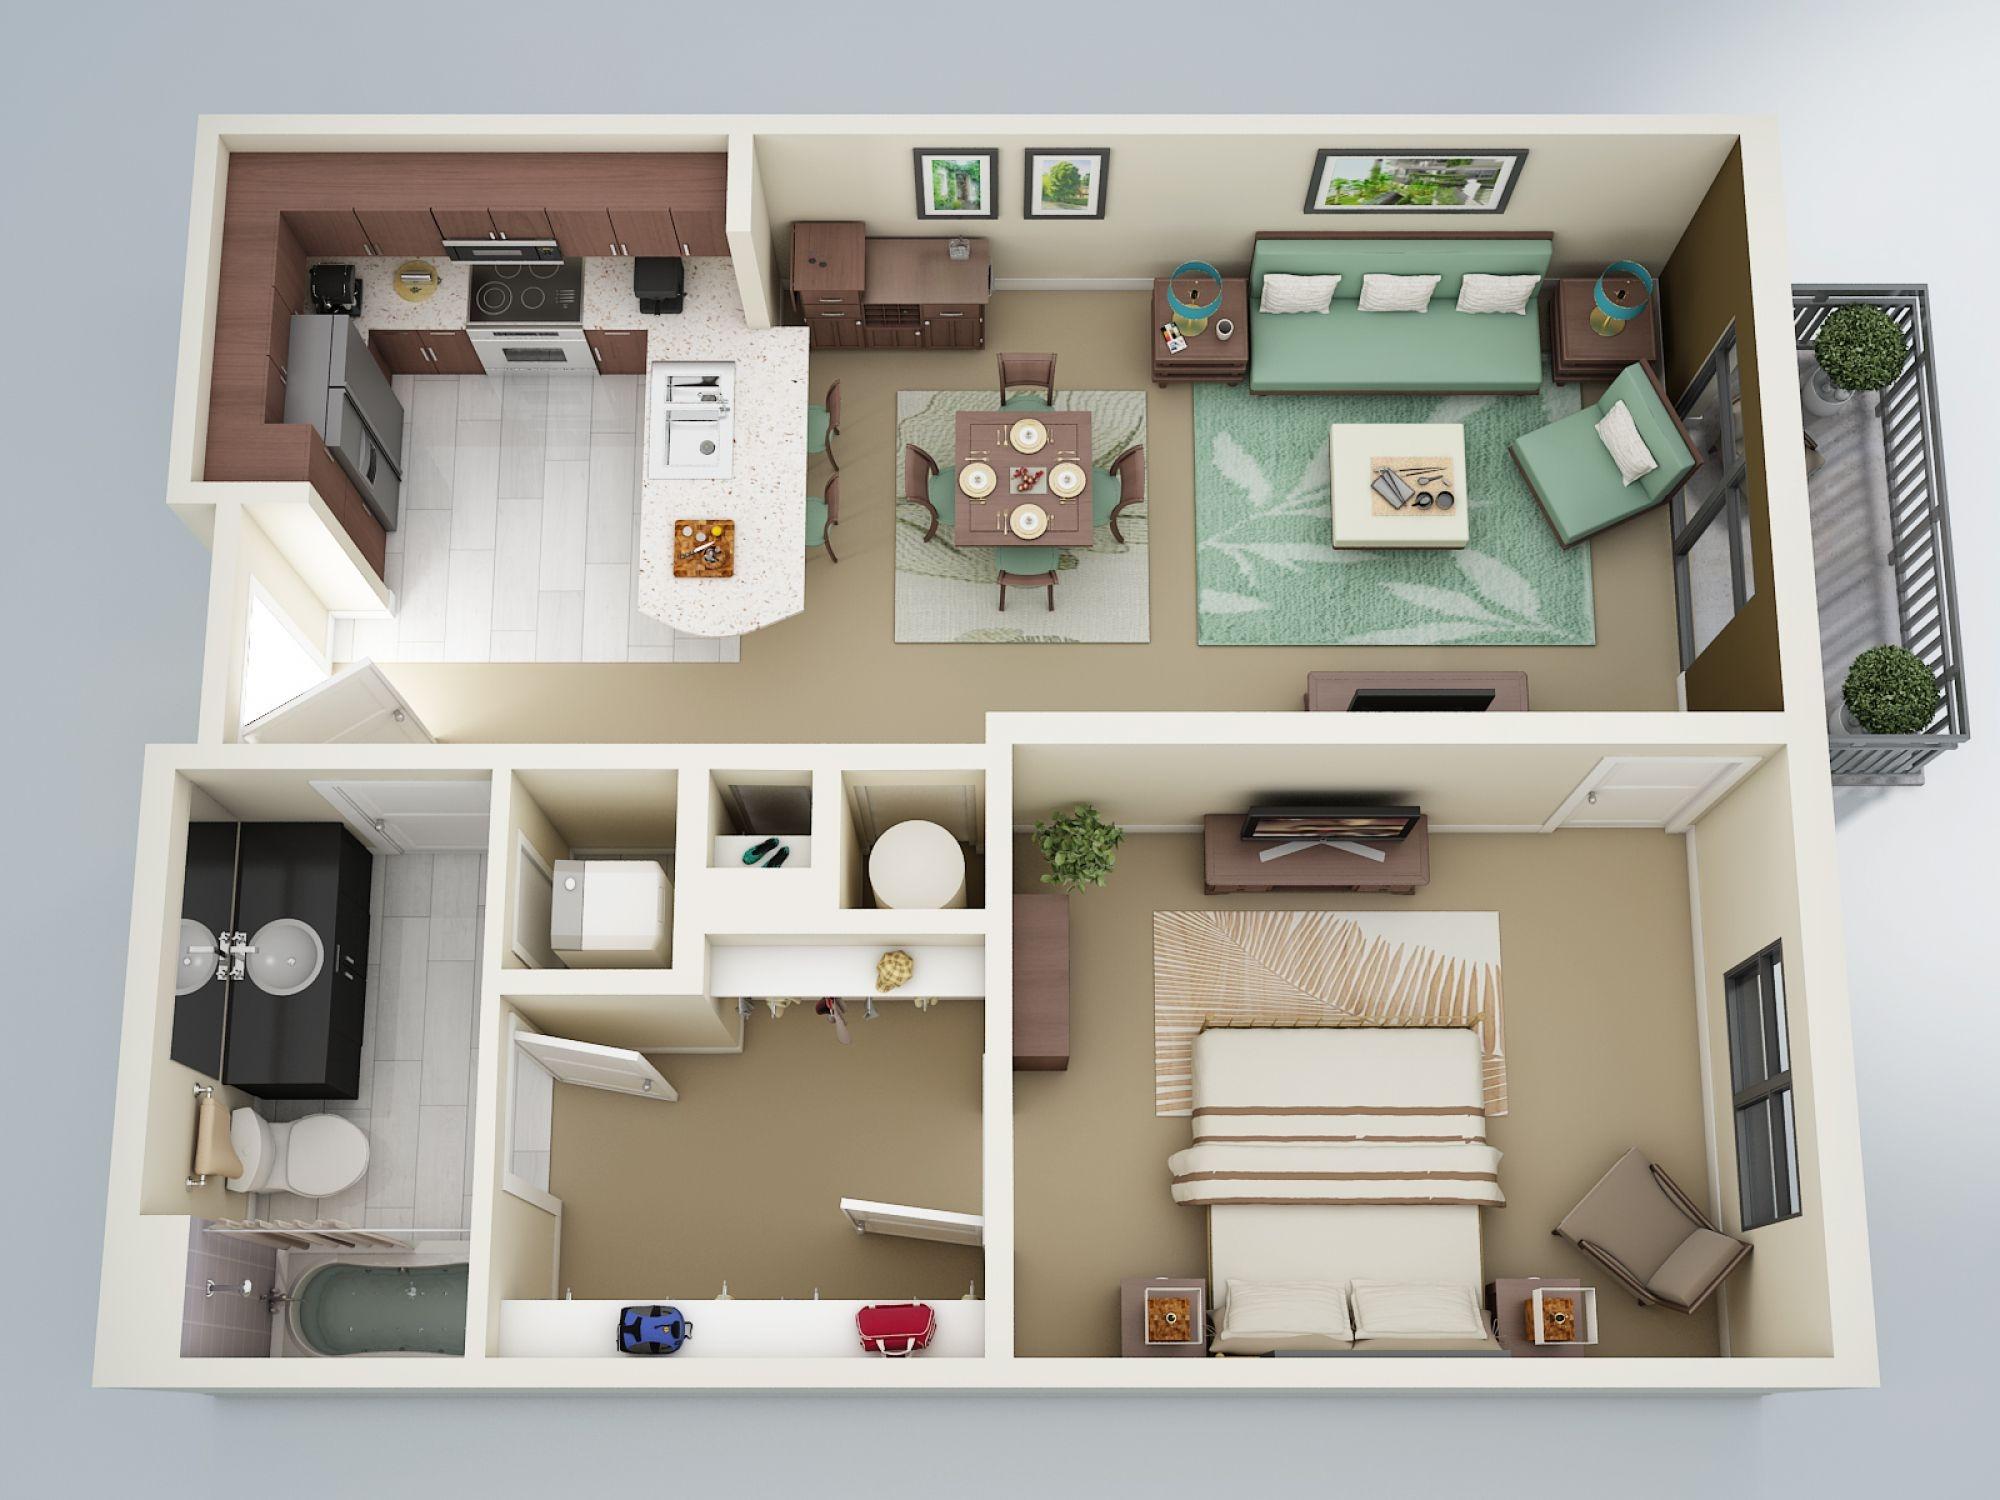 Квартира вид сверху картинки